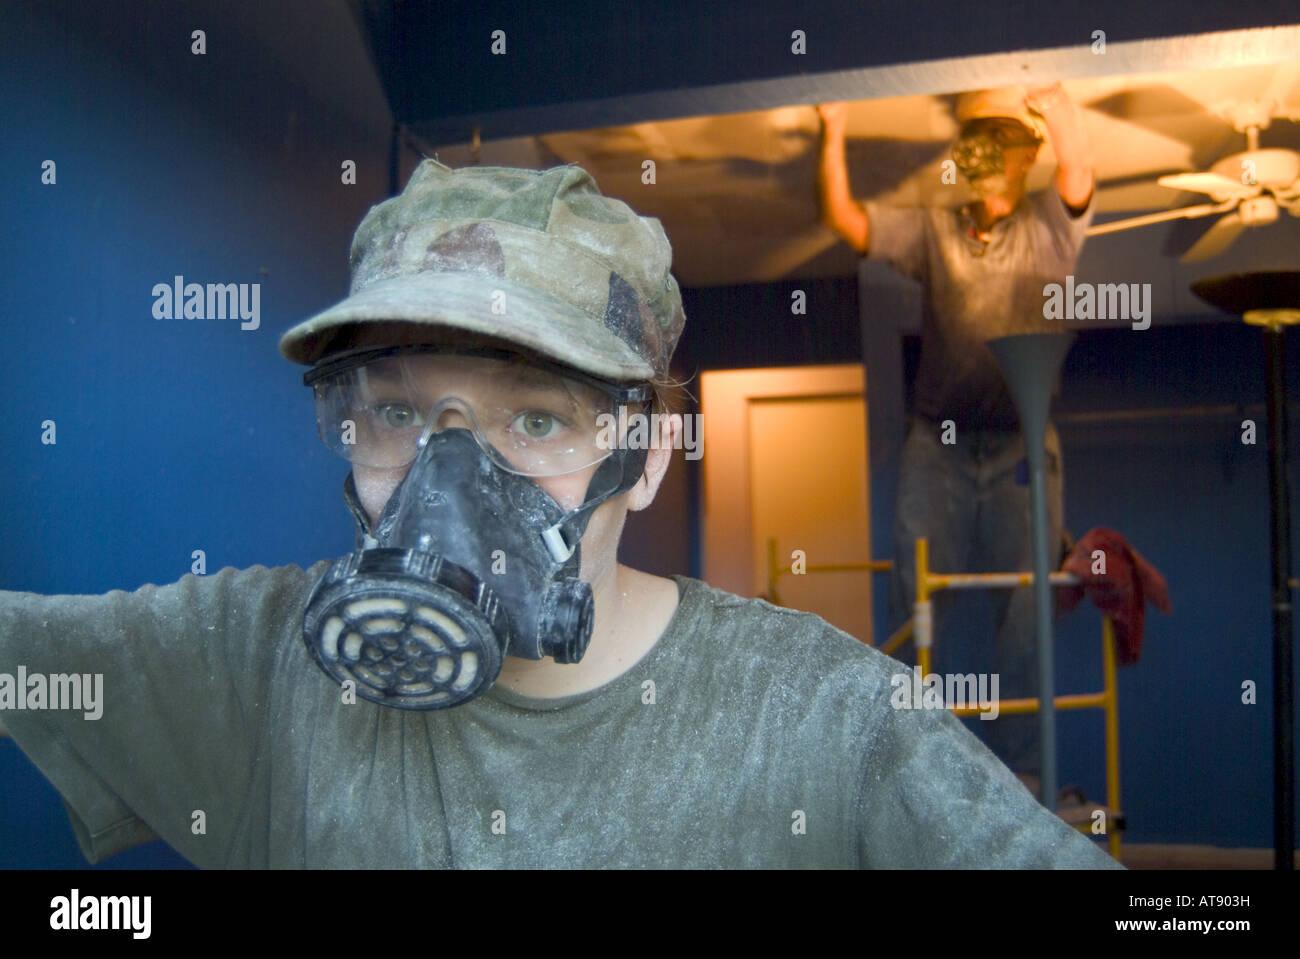 Inicio Los trabajos de construcción. Adolescente llevaba una máscara ventalation mientras ayudan a raspar el techo con antiguos hombre afroamericano Foto de stock